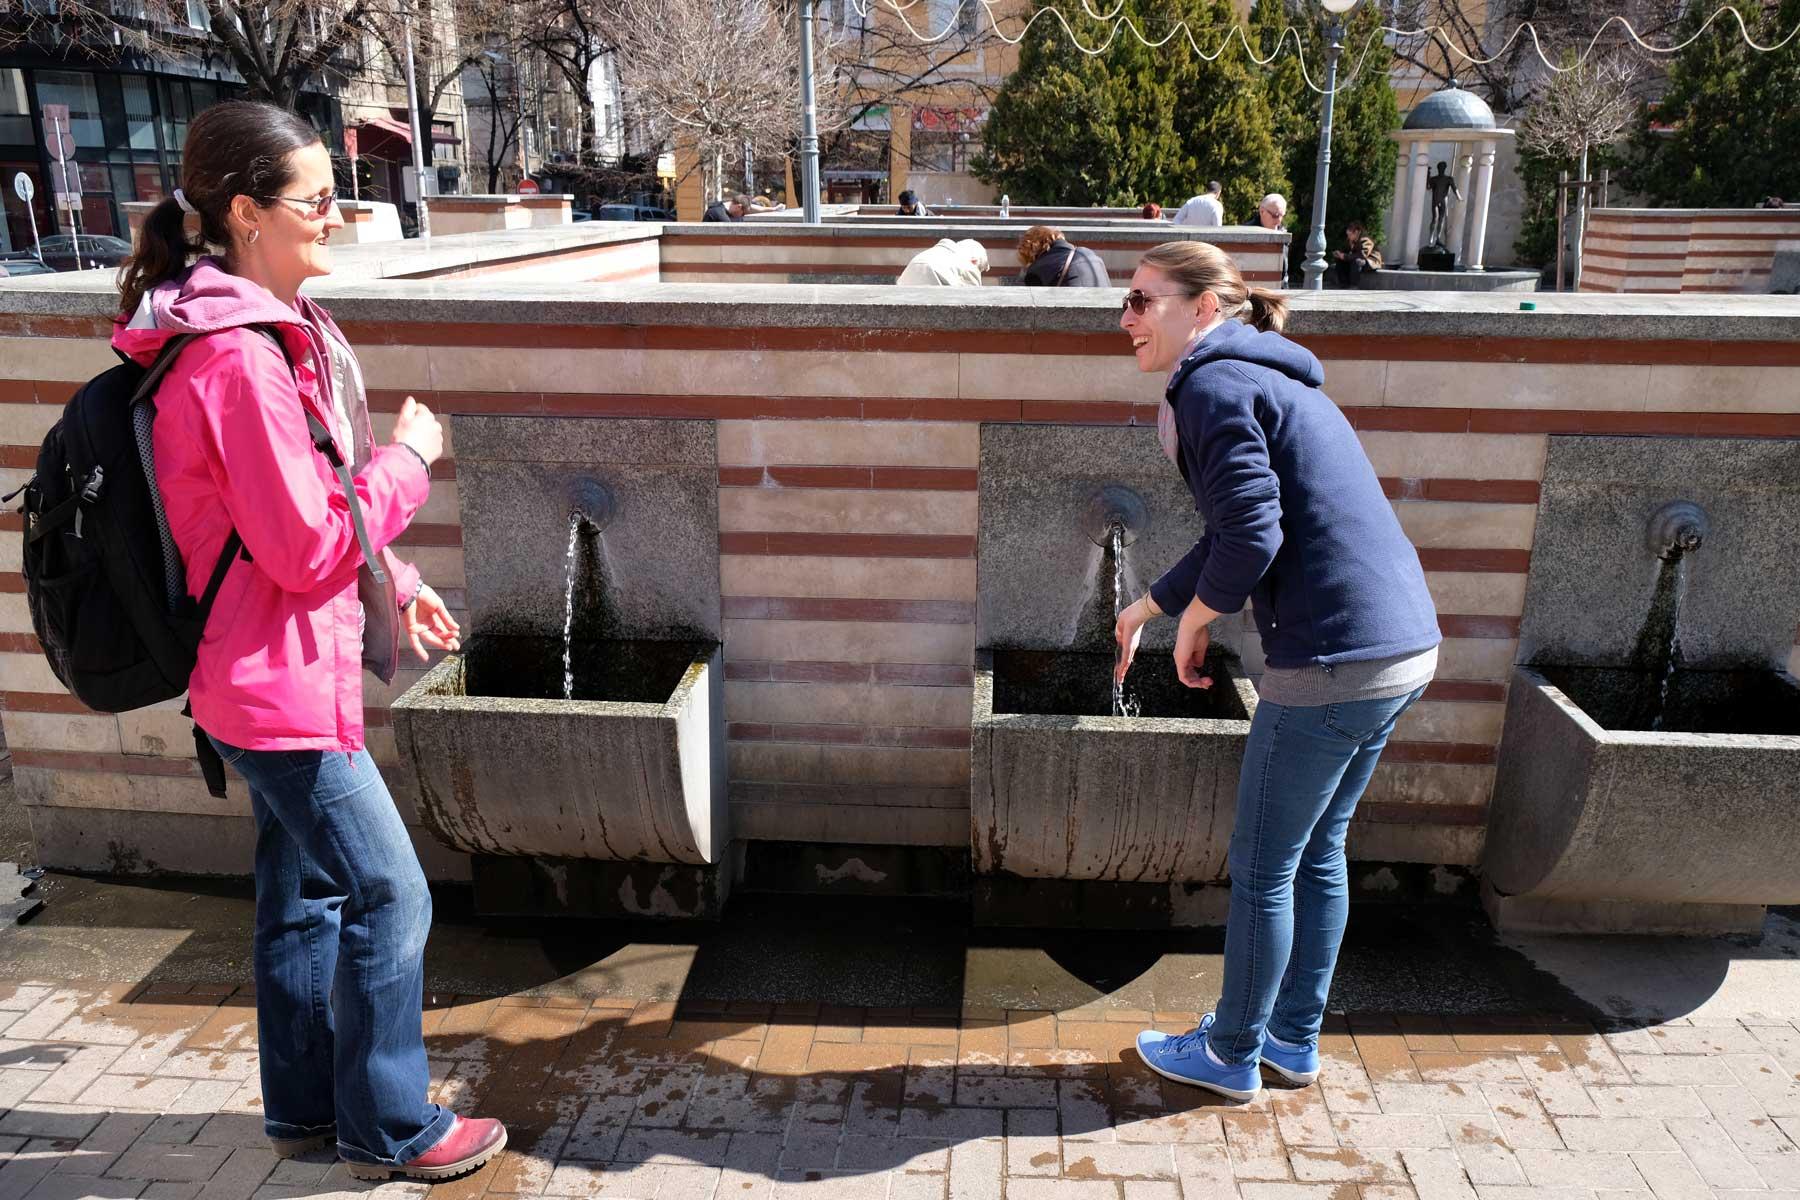 Wahnsinn! Fast heißes Thermalwasser kommt aus den vielen Hähnen dieser Wasserstelle